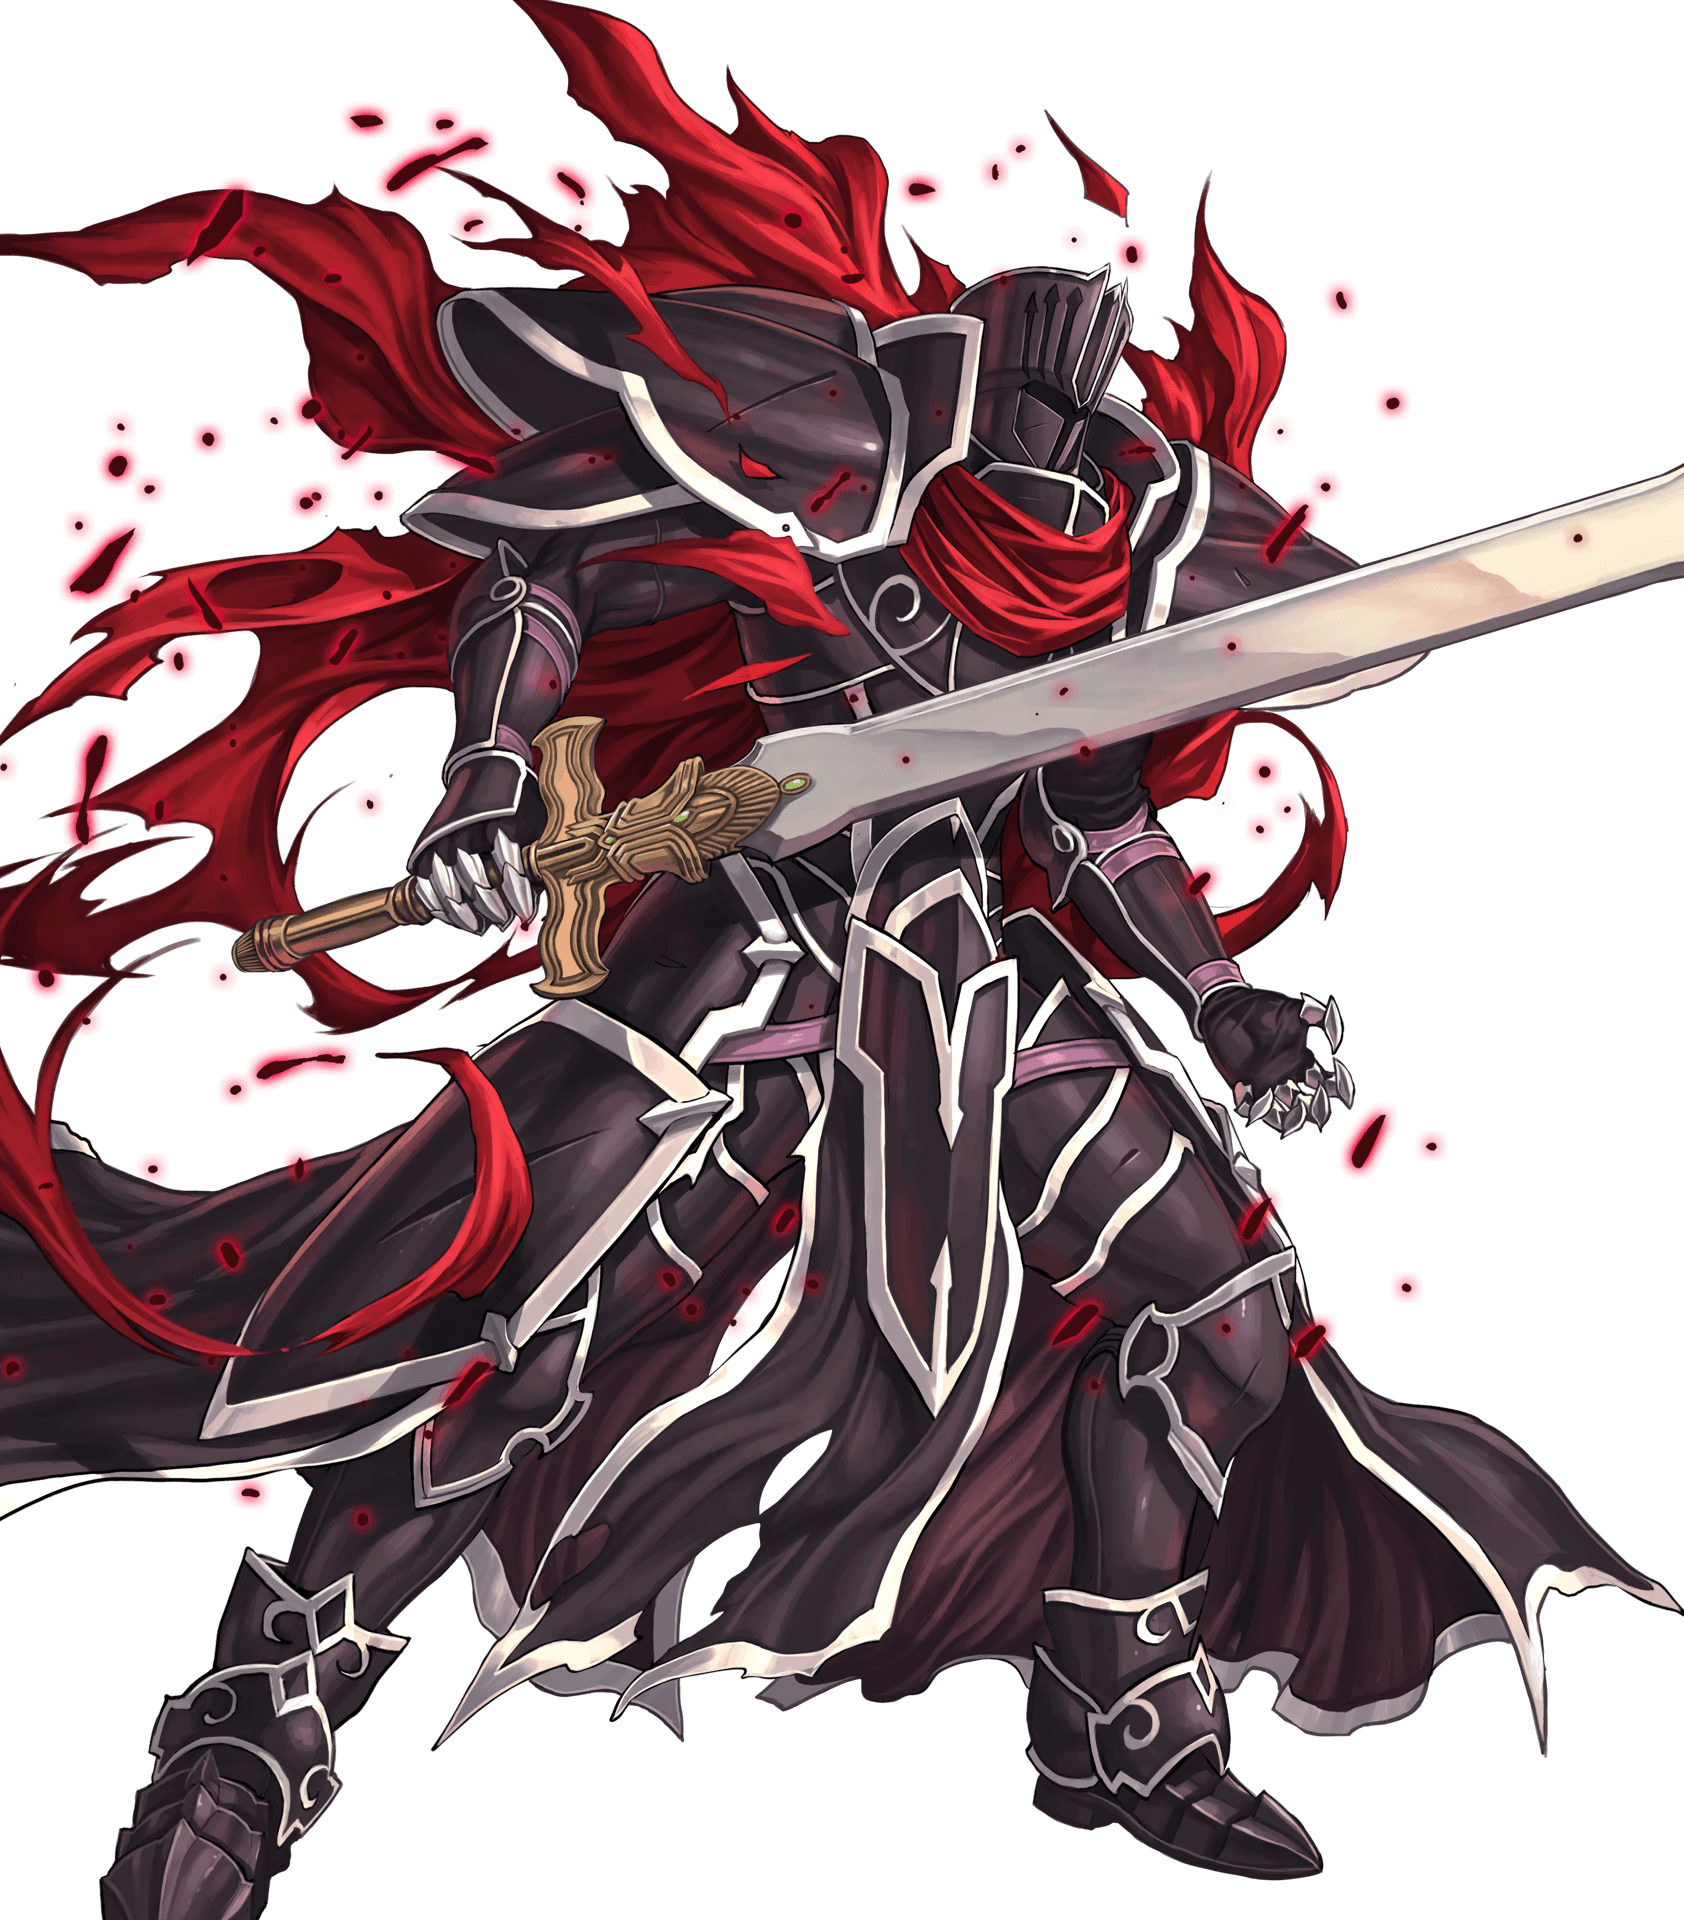 Black Knight | Fire Emblem Heroes Wiki - GamePress